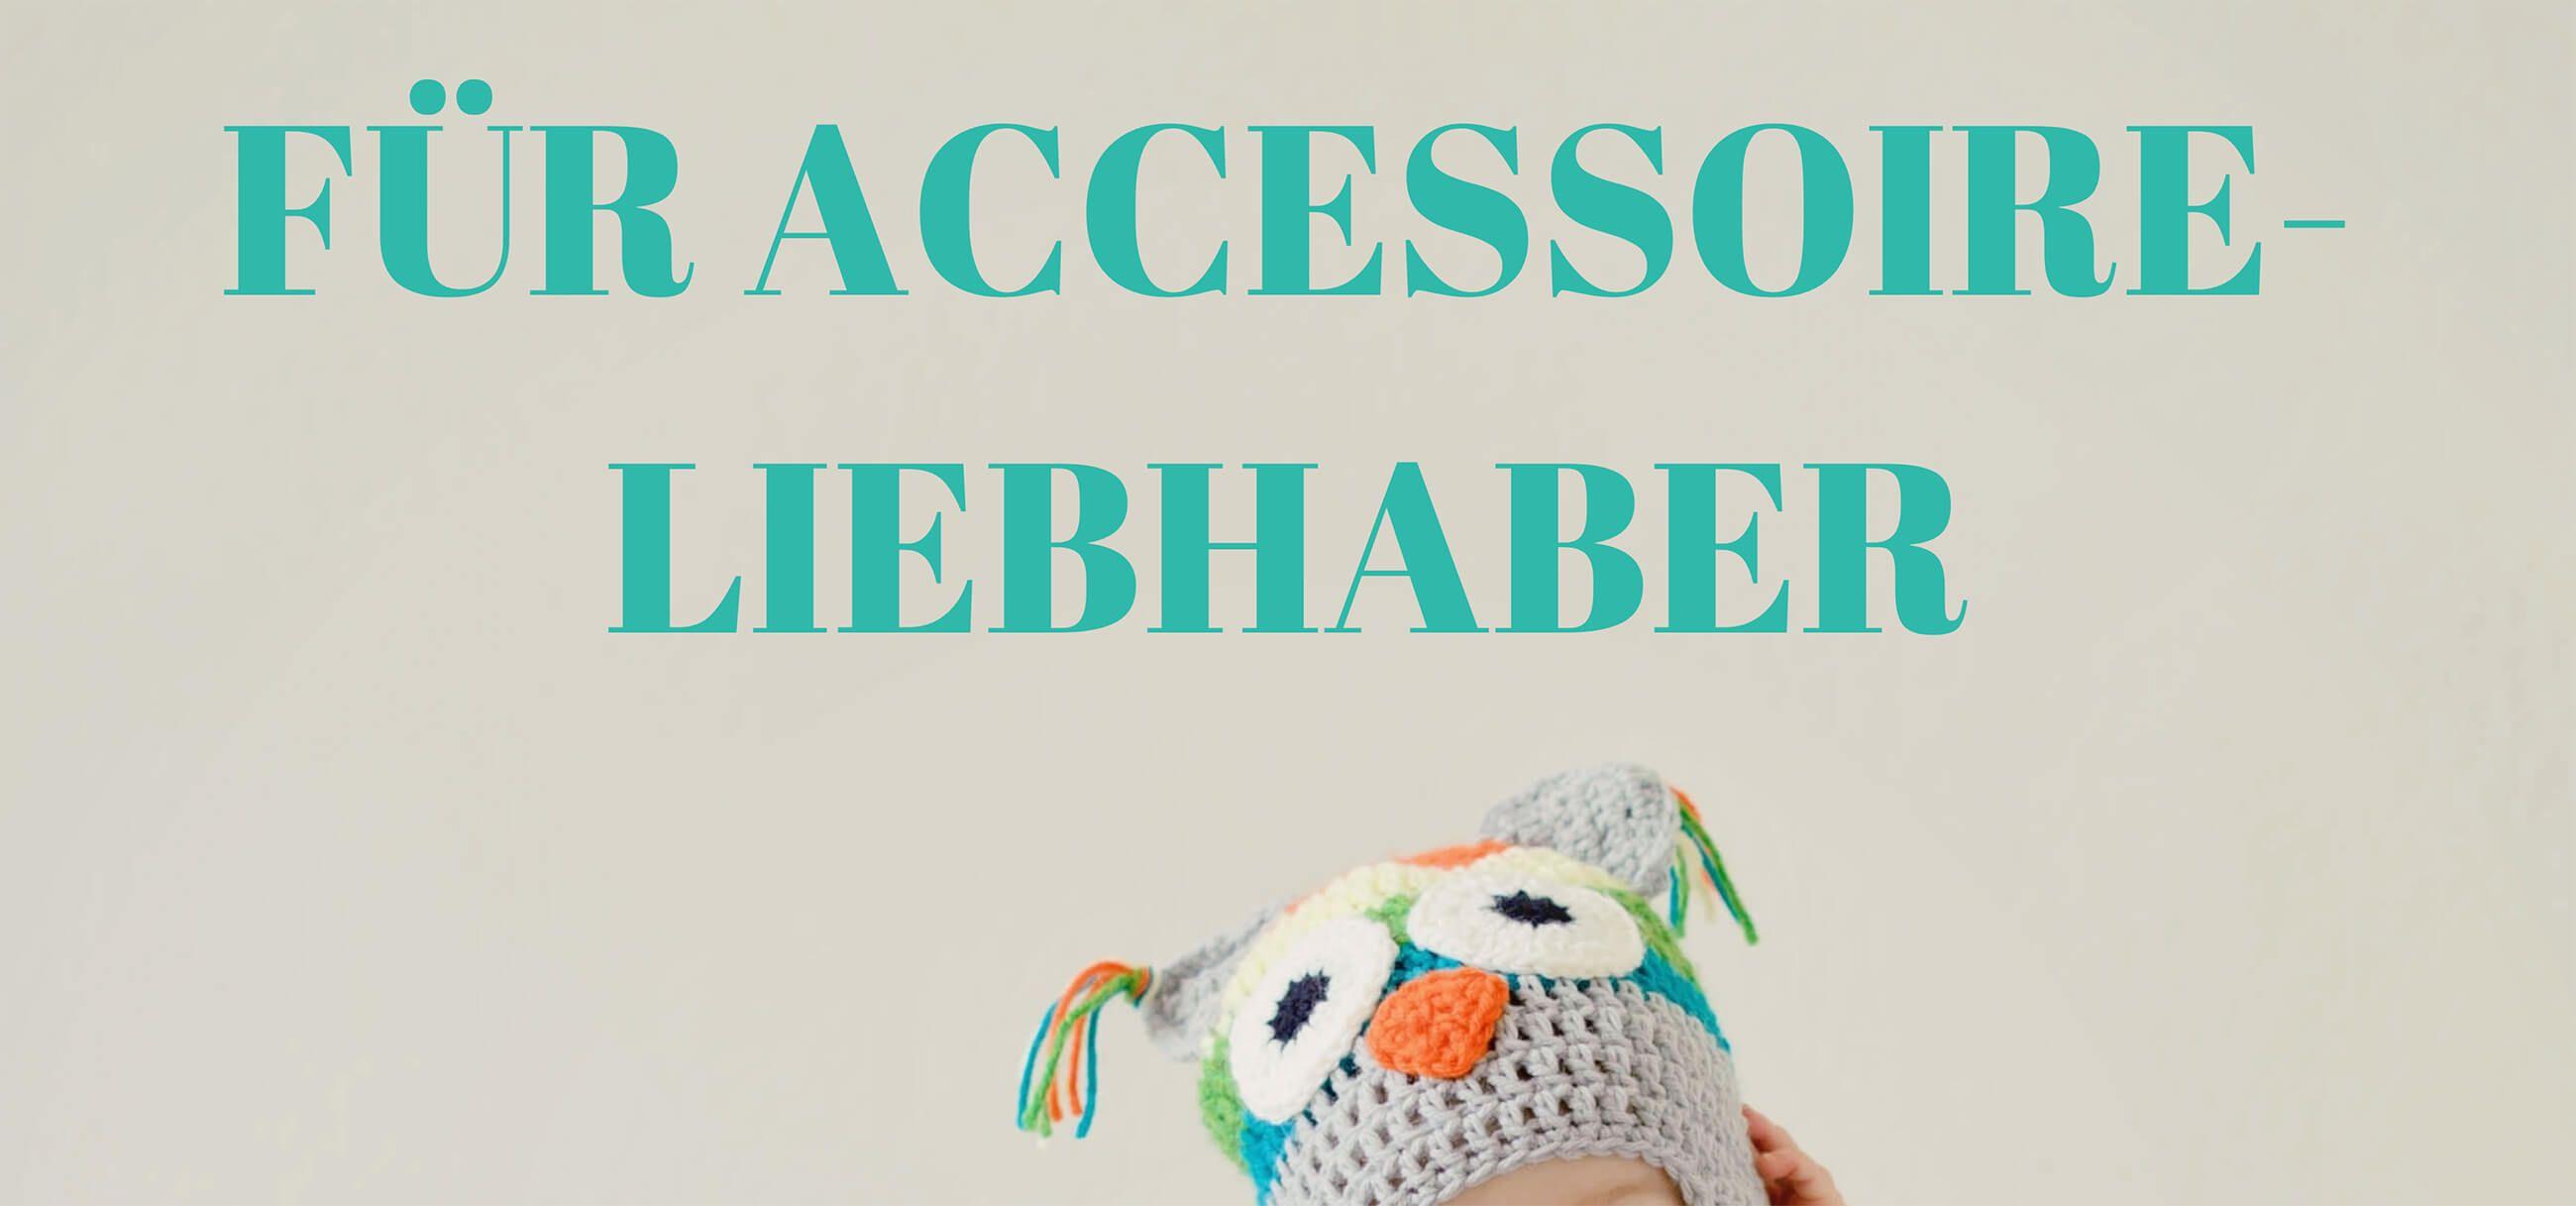 Blogartikel-Adventskalender-fuer-accessoire-liebhaber